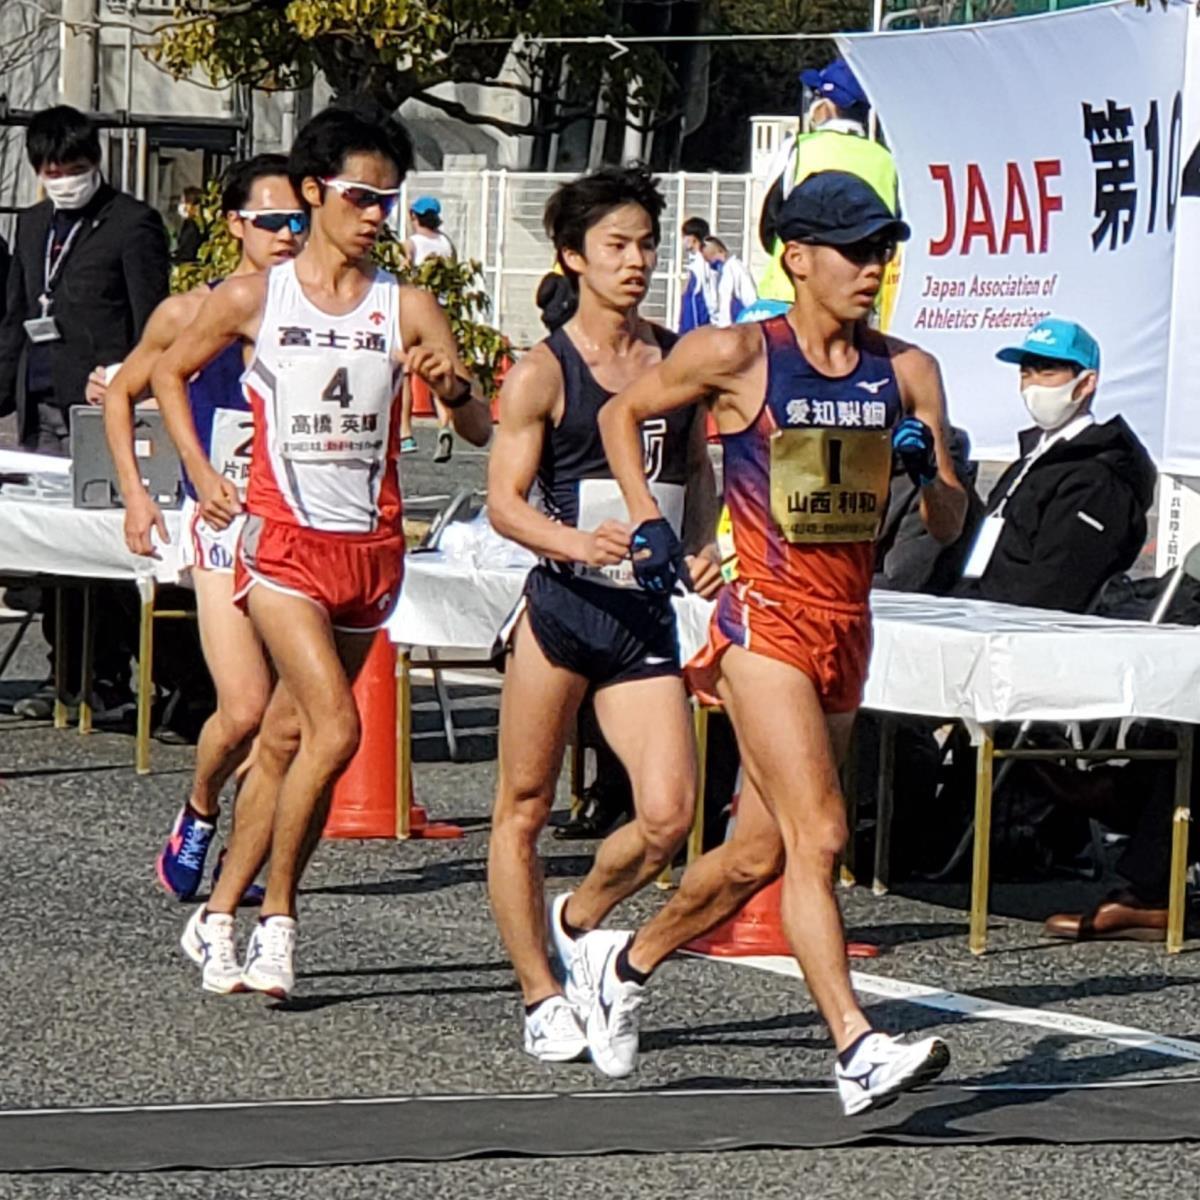 日本選手権競歩20キロで先頭を引っ張る山西利和(右)中央が池田向希、左が高橋英輝。(カメラ・細野友司)